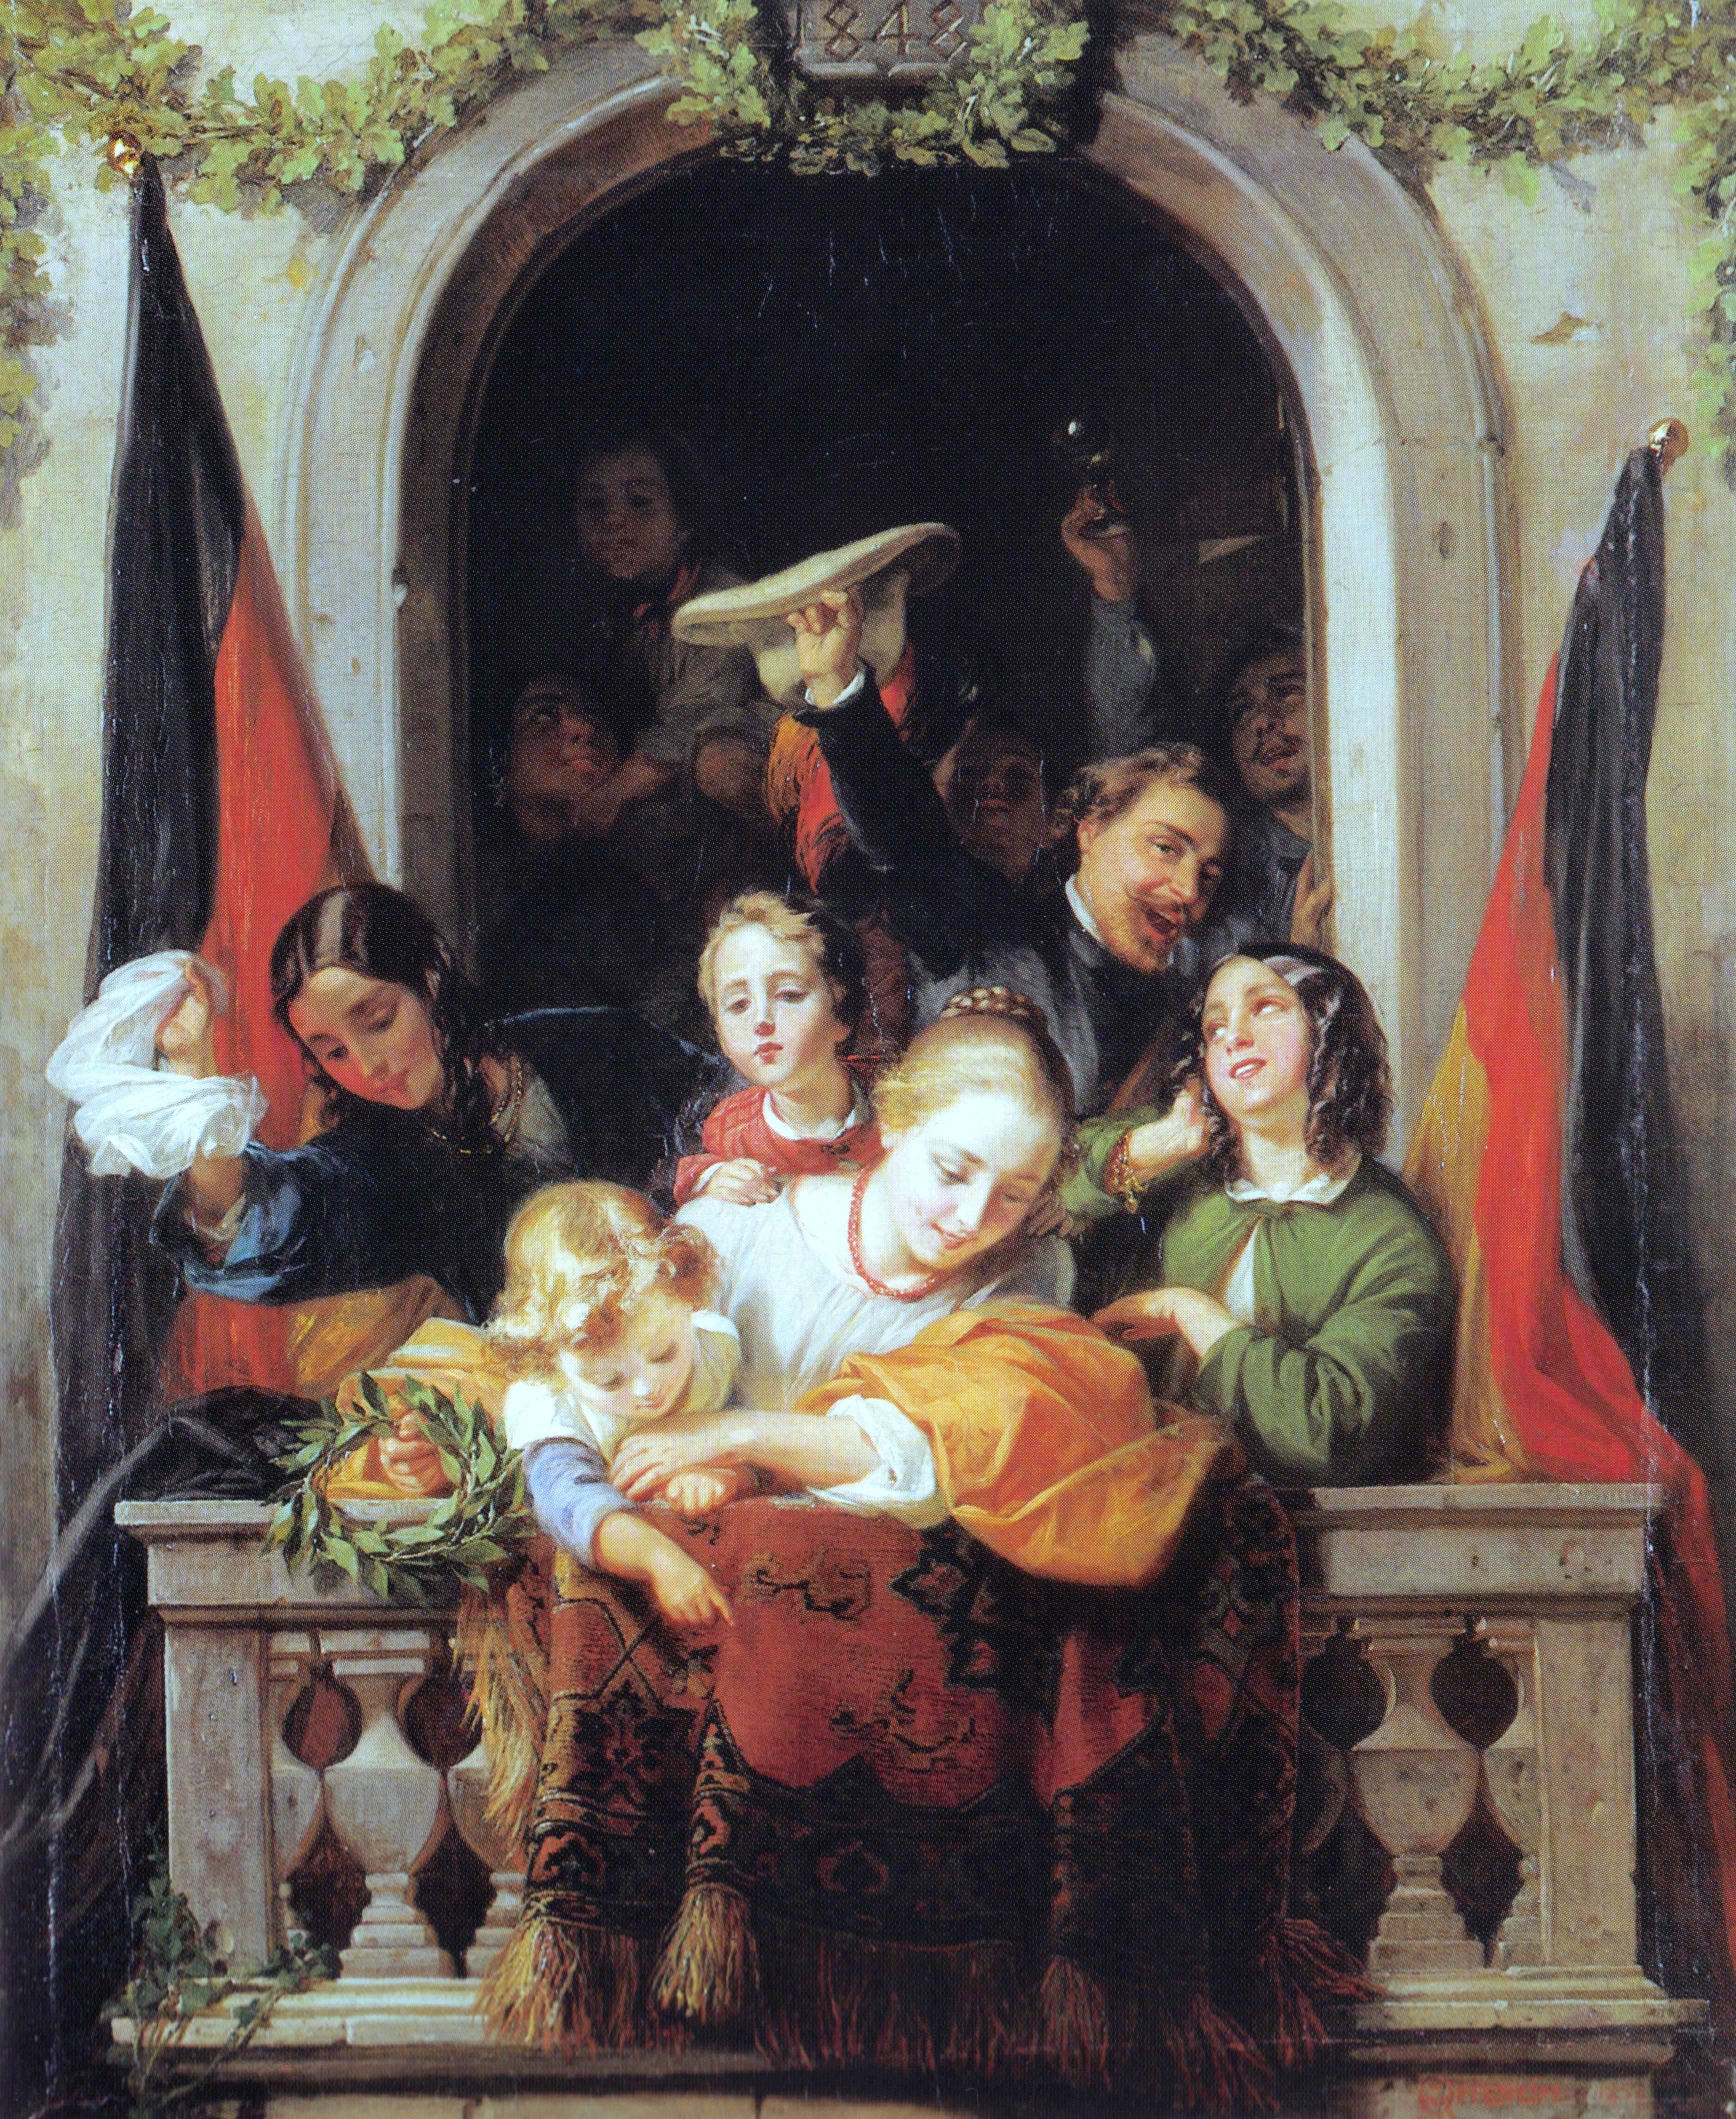 Gemälde von Moritz Daniel Oppenheim: Szene im Fenster beim Einzug des Reichsverwesers, 1852